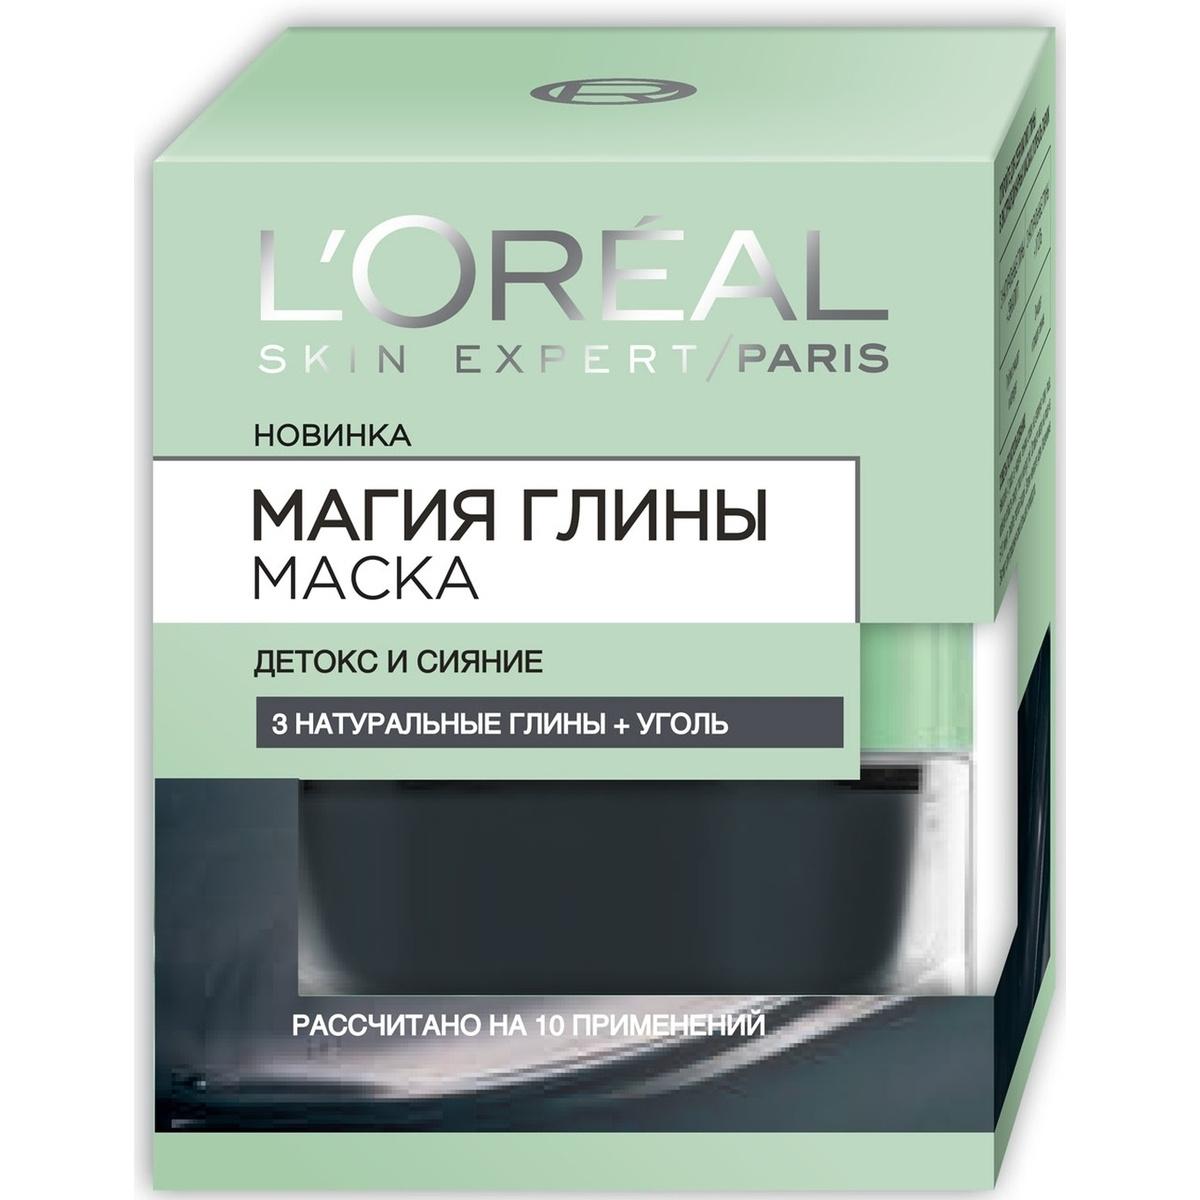 """L'Oreal Paris Маска для лица """"Магия Глины"""" детокс и сияние, с углем, для всех типов кожи, 50 мл  #1"""